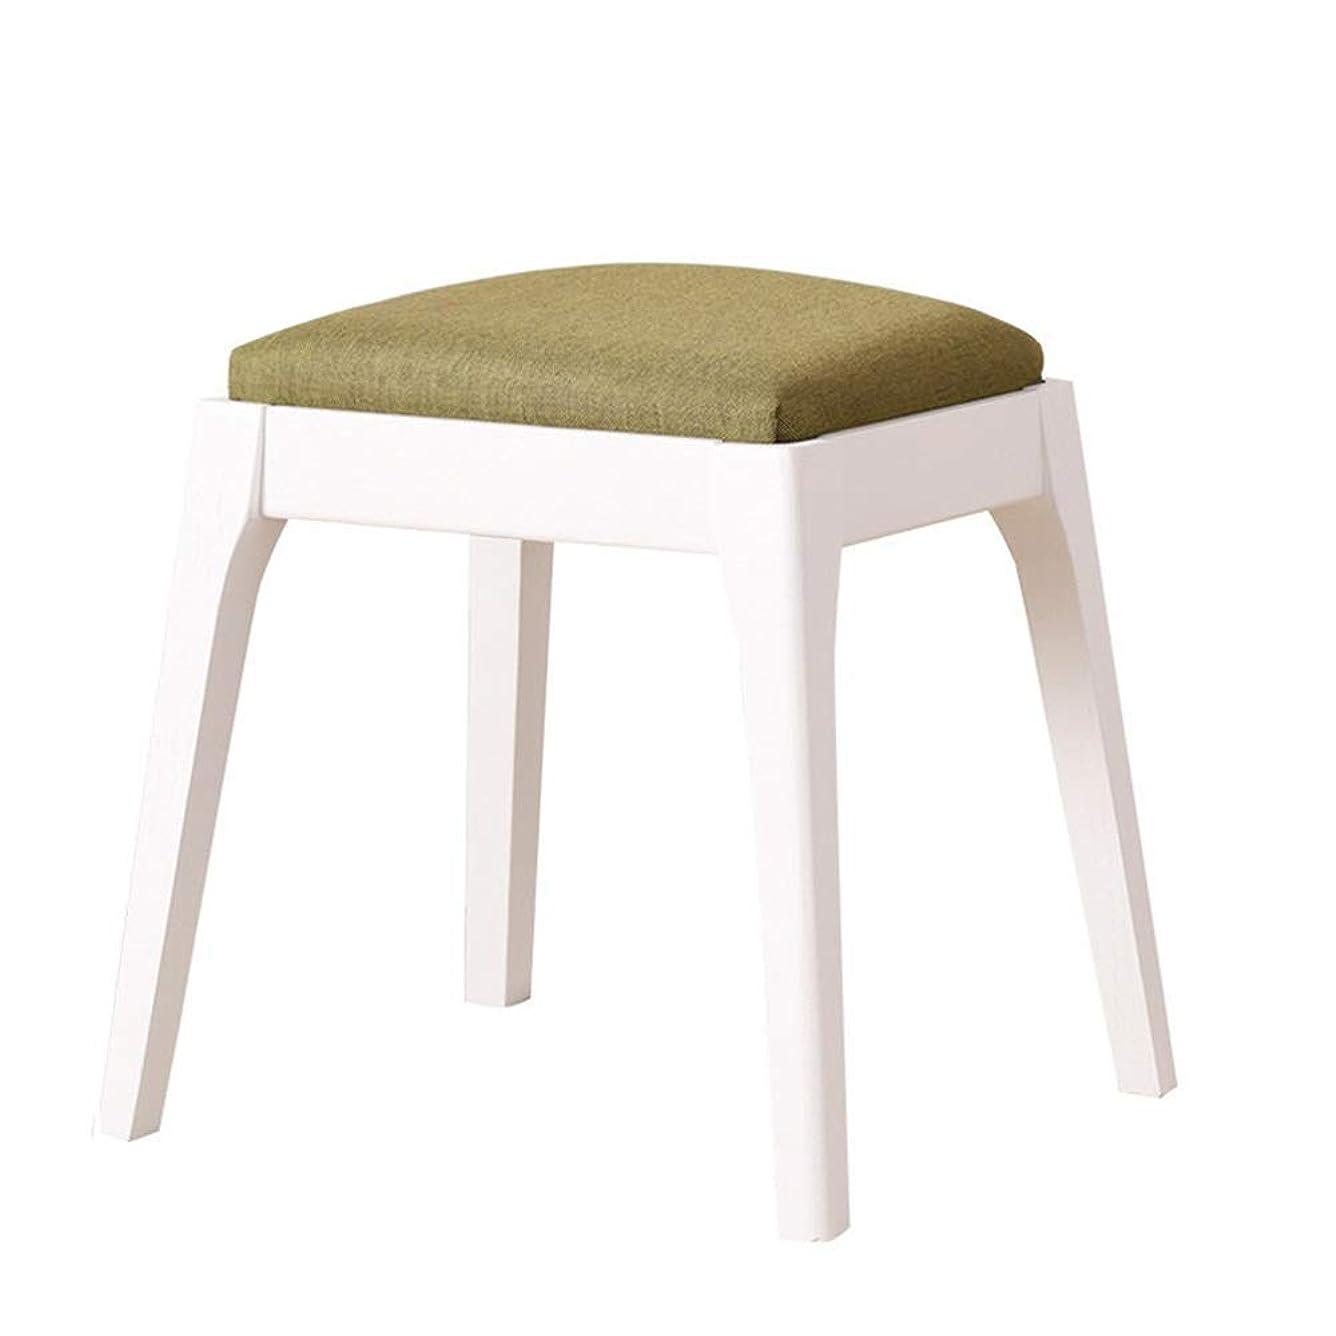 急いで友だちアミューズメントドレッシングスツール ベッドルームのバスルームにゴムの木張りの椅子と足の後にカントリースタイルのドレッシングルームのメイクアップ化粧スツールスツールピアノ椅子 リビング ルーム ベッドルーム ドレッシング ルーム用 (Color : A3, S...